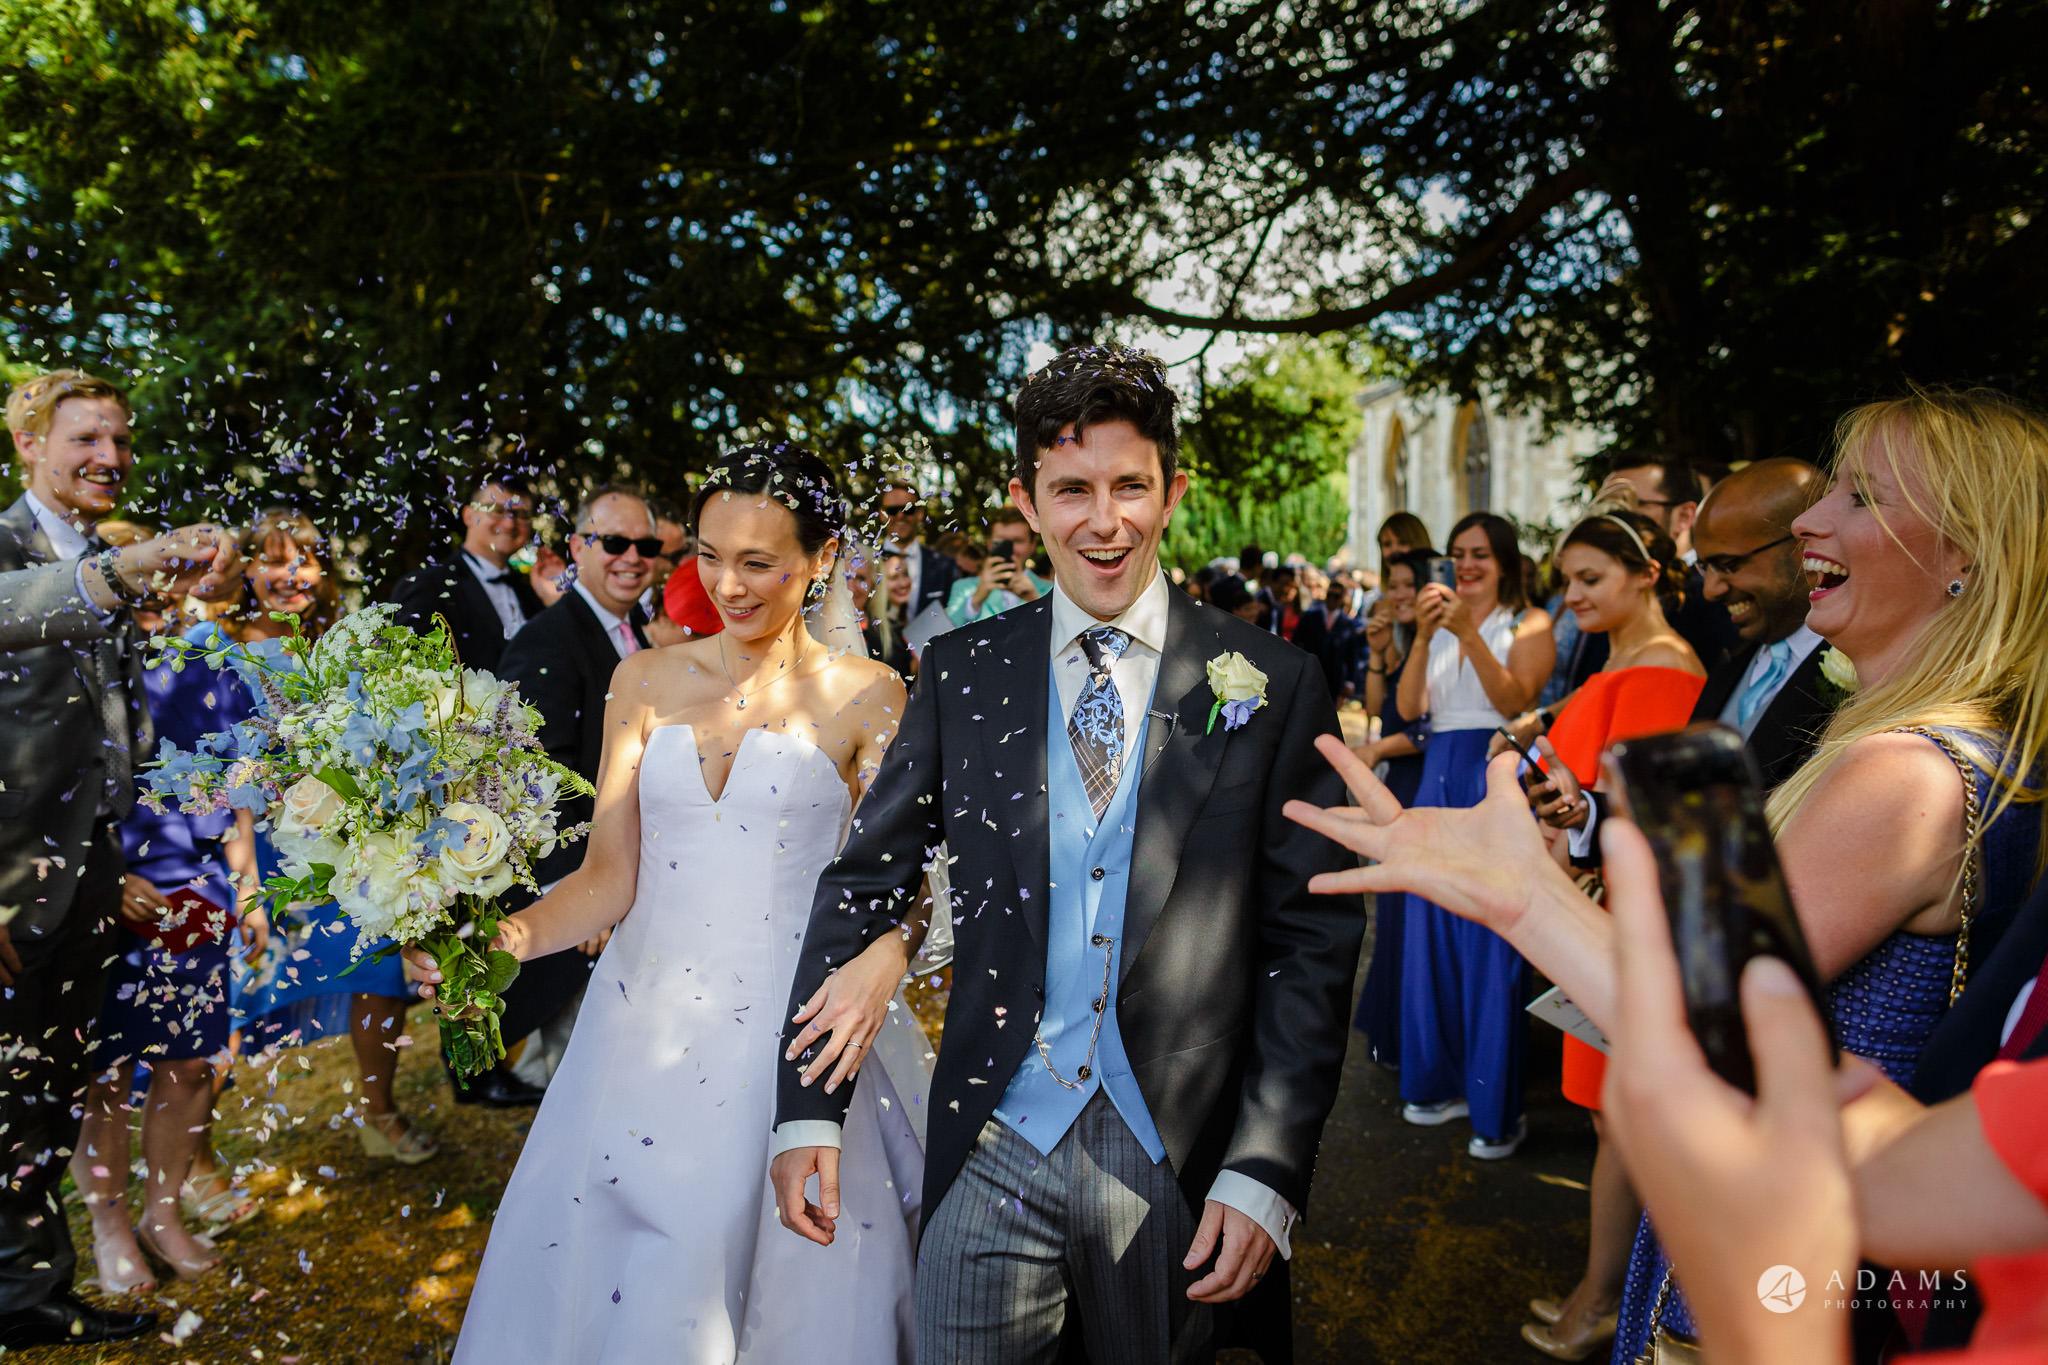 Trinity College Cambridge wedding confetti shower